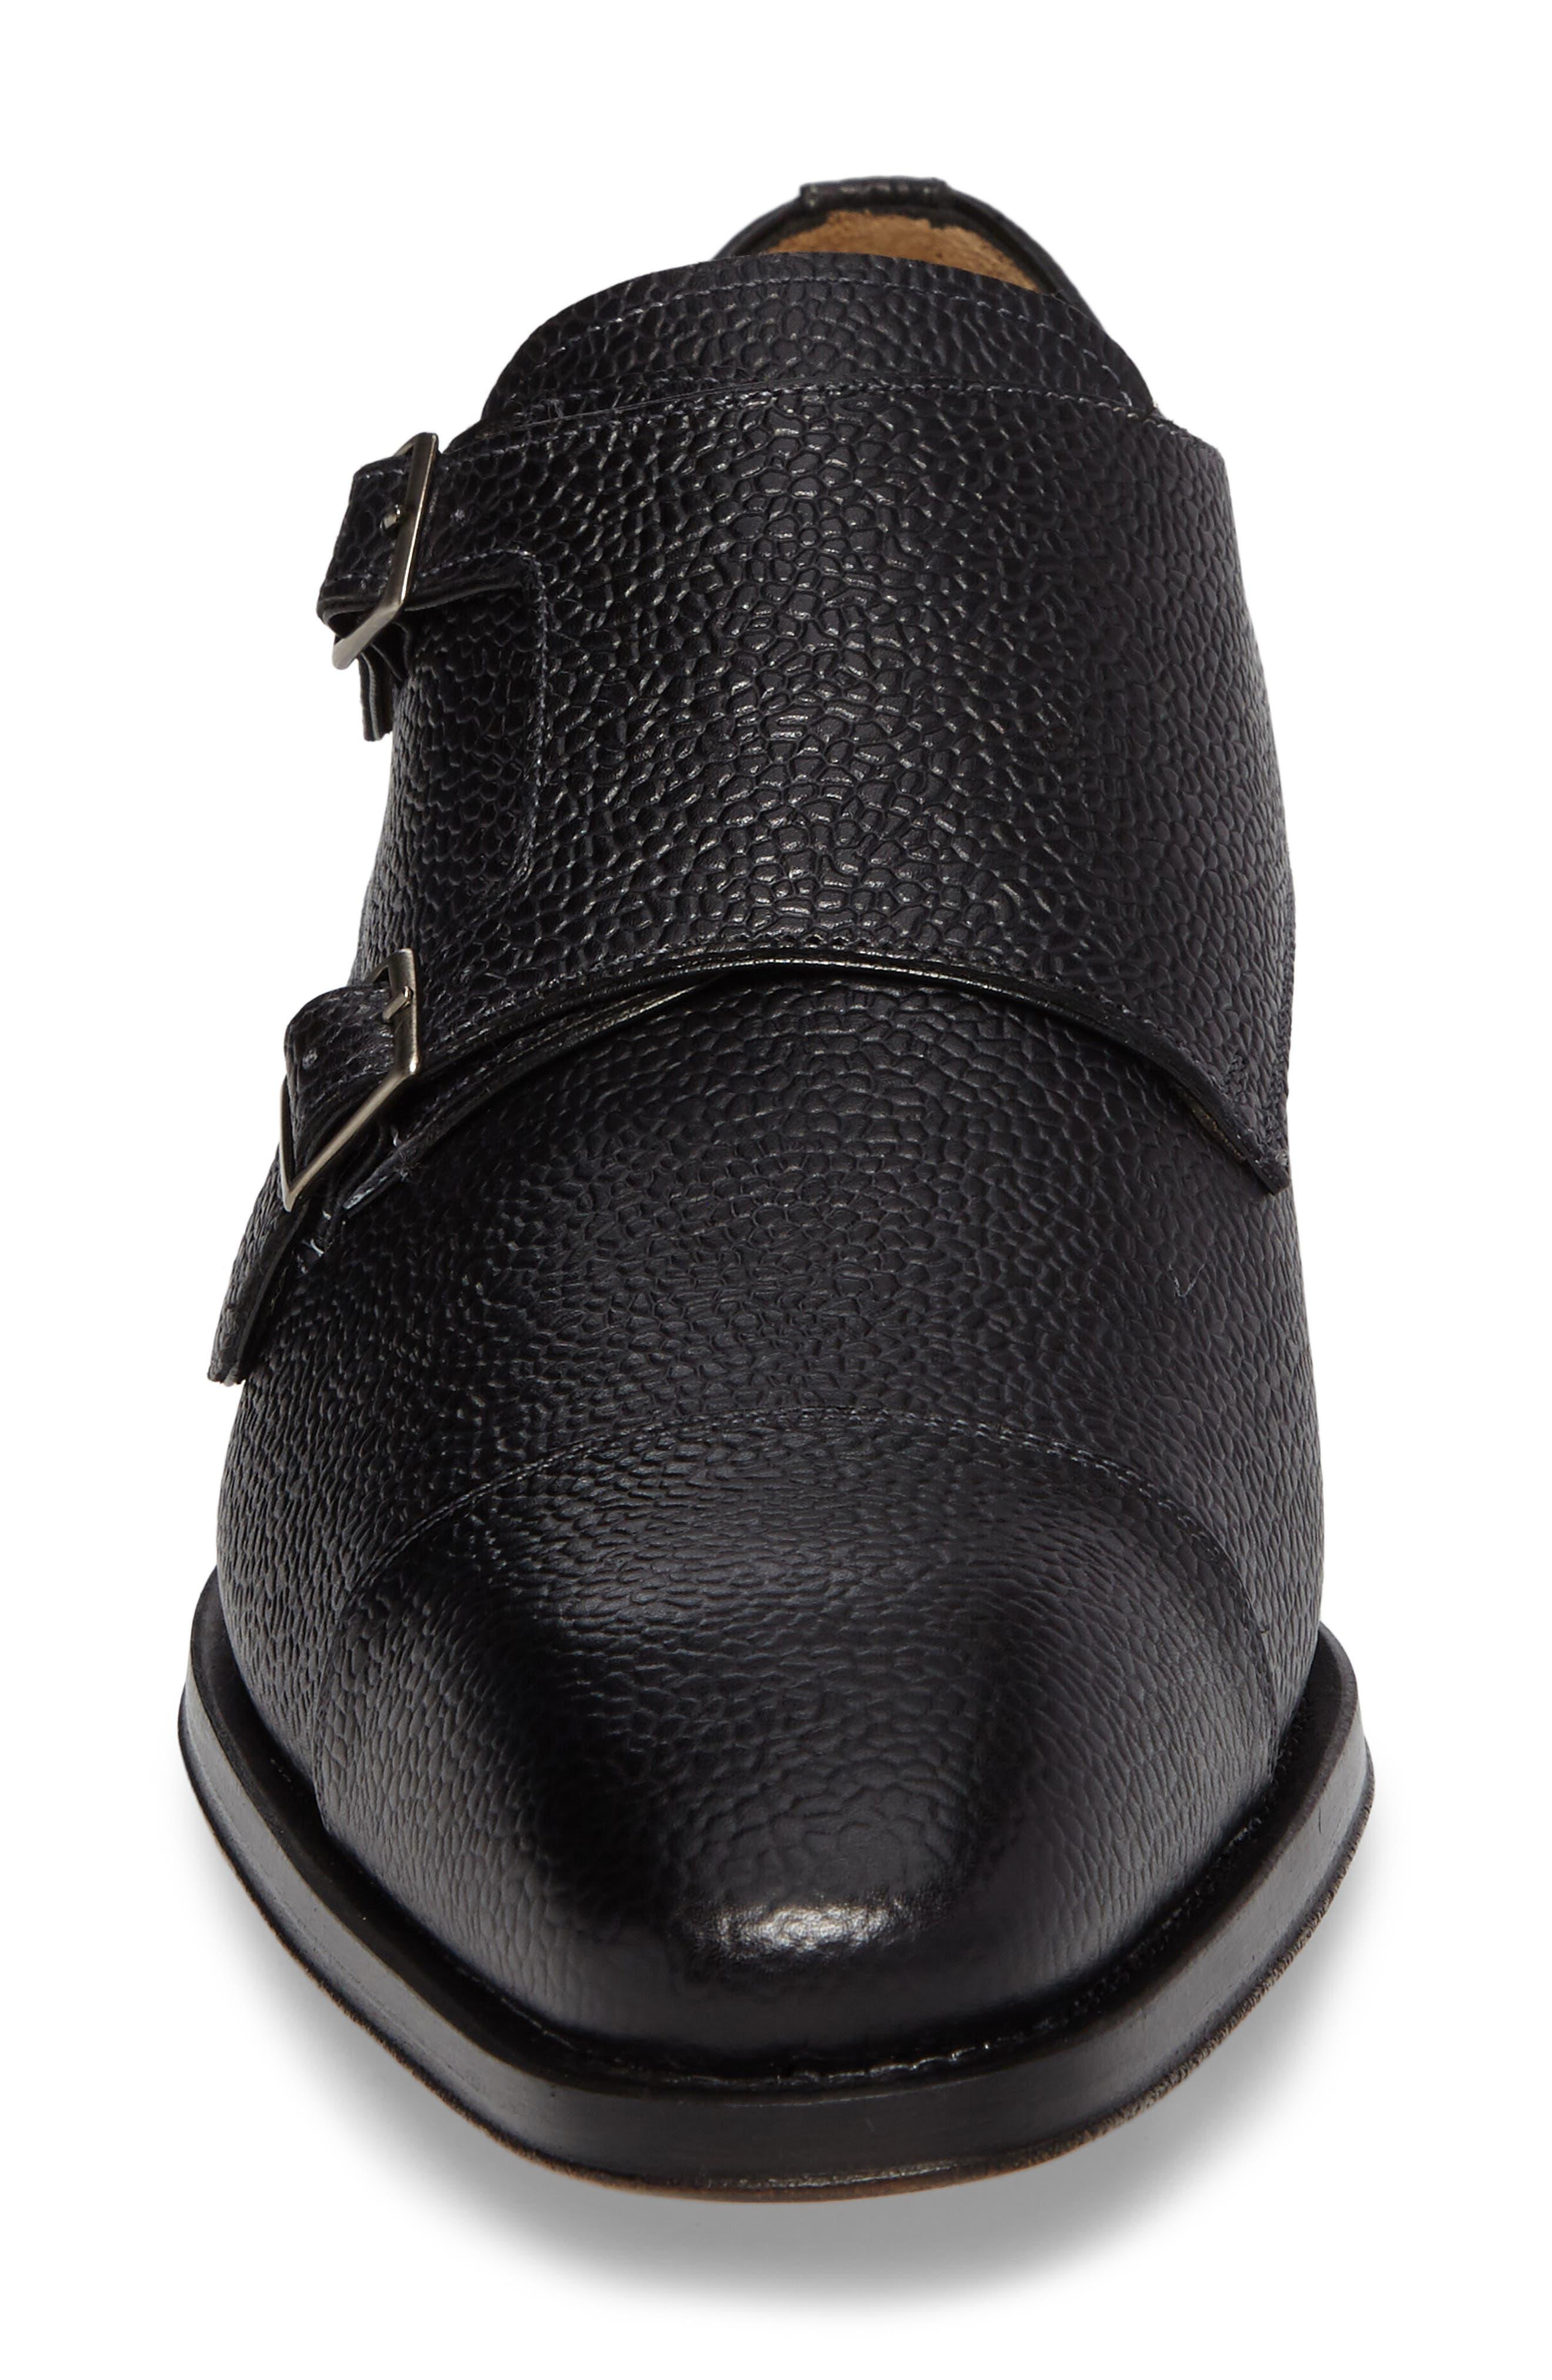 Lubrin Double Monk Strap Shoe,                             Alternate thumbnail 4, color,                             BLACK LEATHER